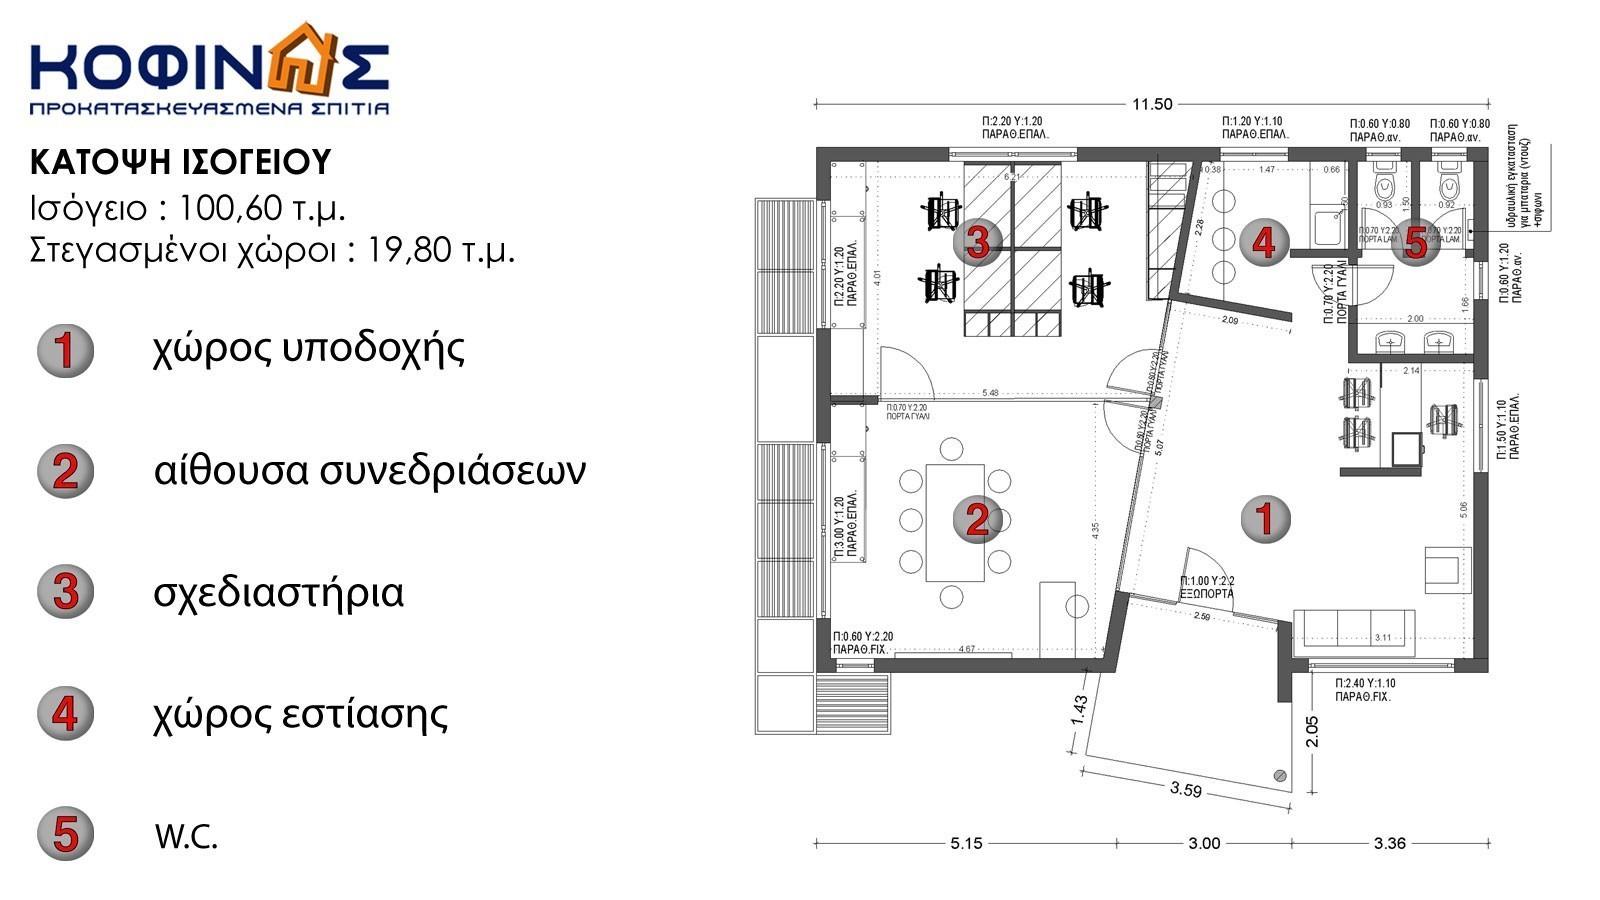 Κτήριο Γραφείων E-100, συνολικής επιφάνειας 100,60 τ.μ.